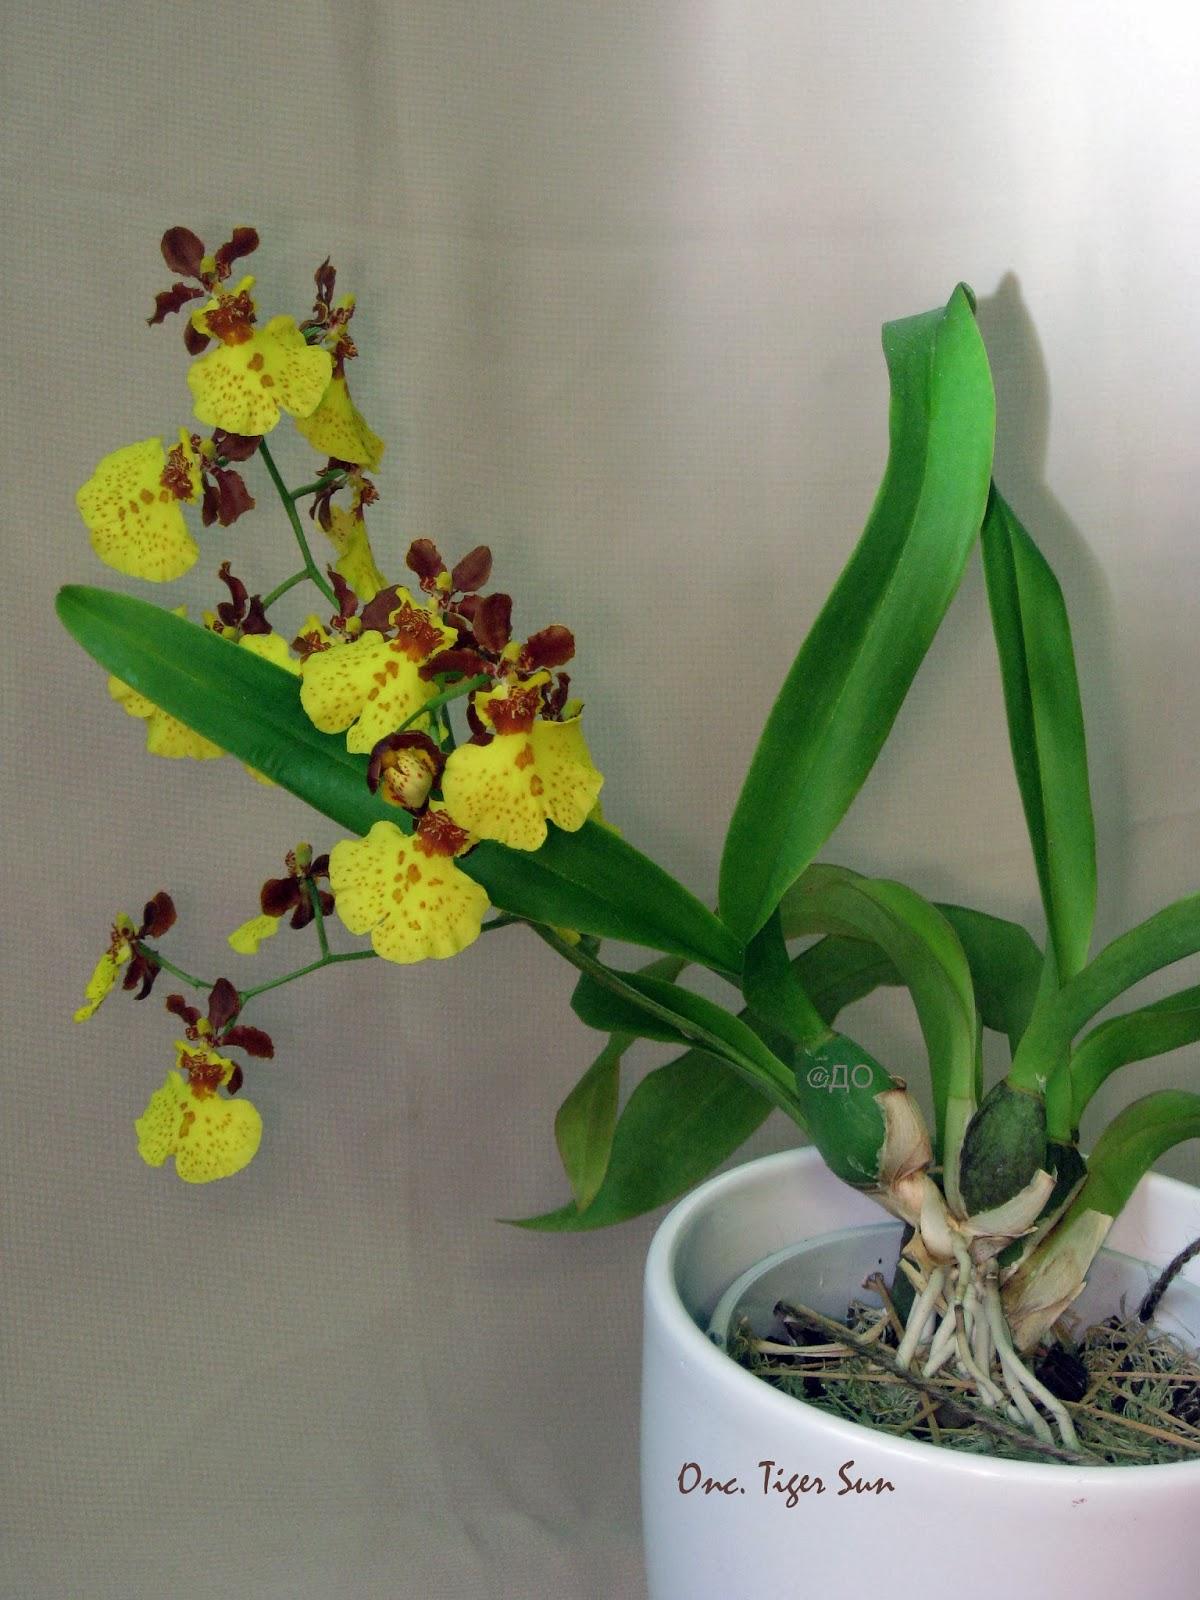 Oncidium Tiger Sun - Цветочная кисть